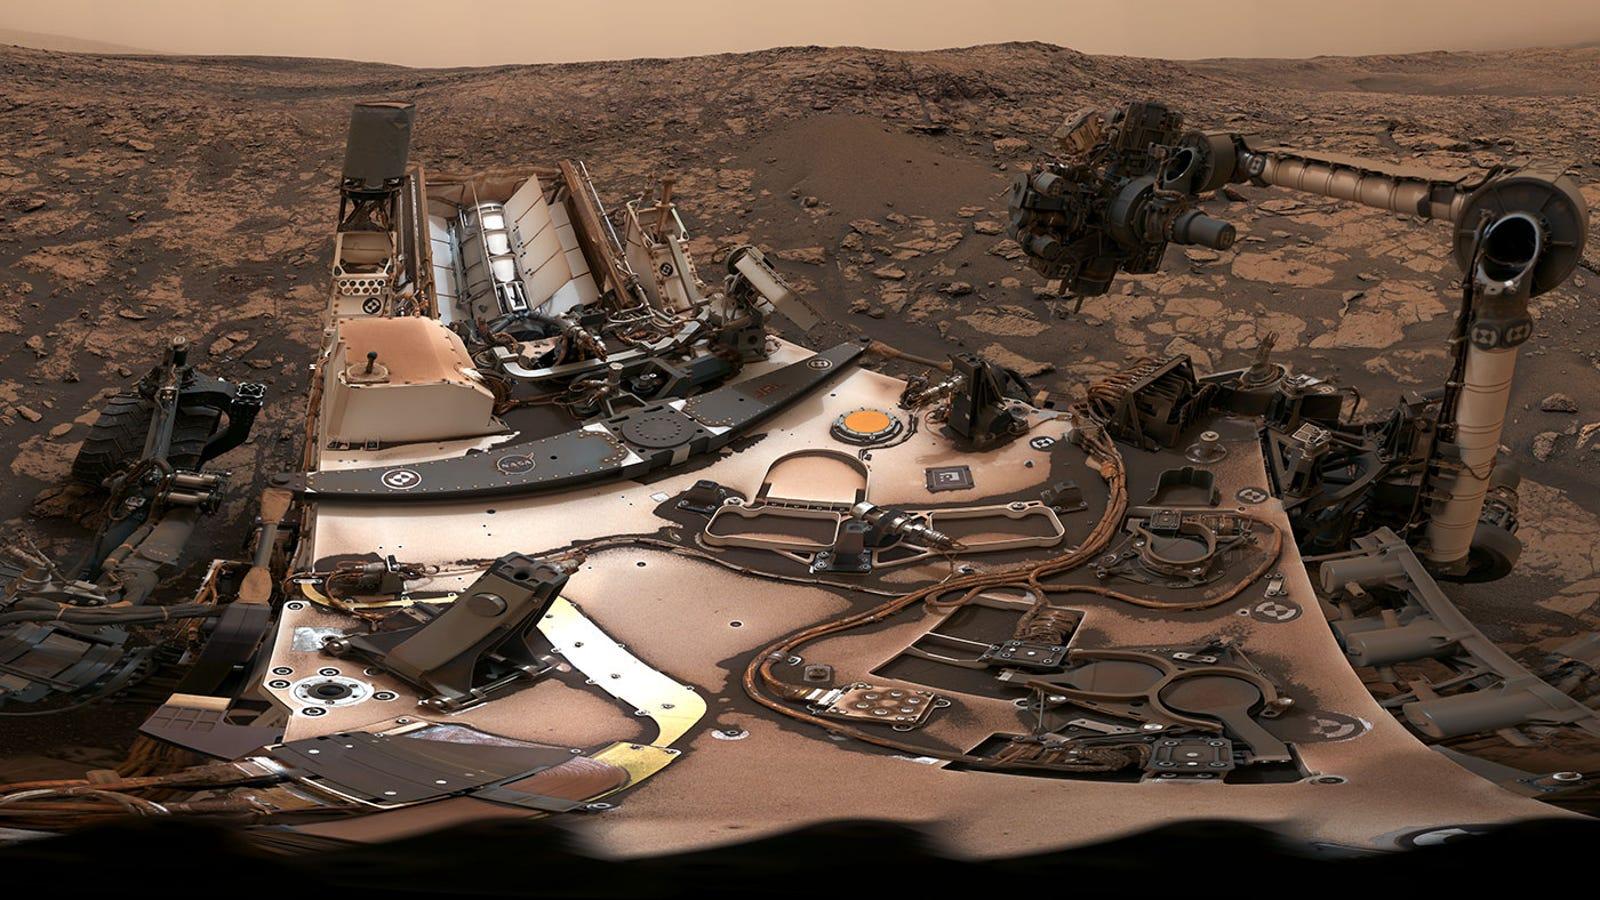 El rover Curiosity se toma un impresionante selfie de 360 grados bajo el cielo polvoriento de Marte